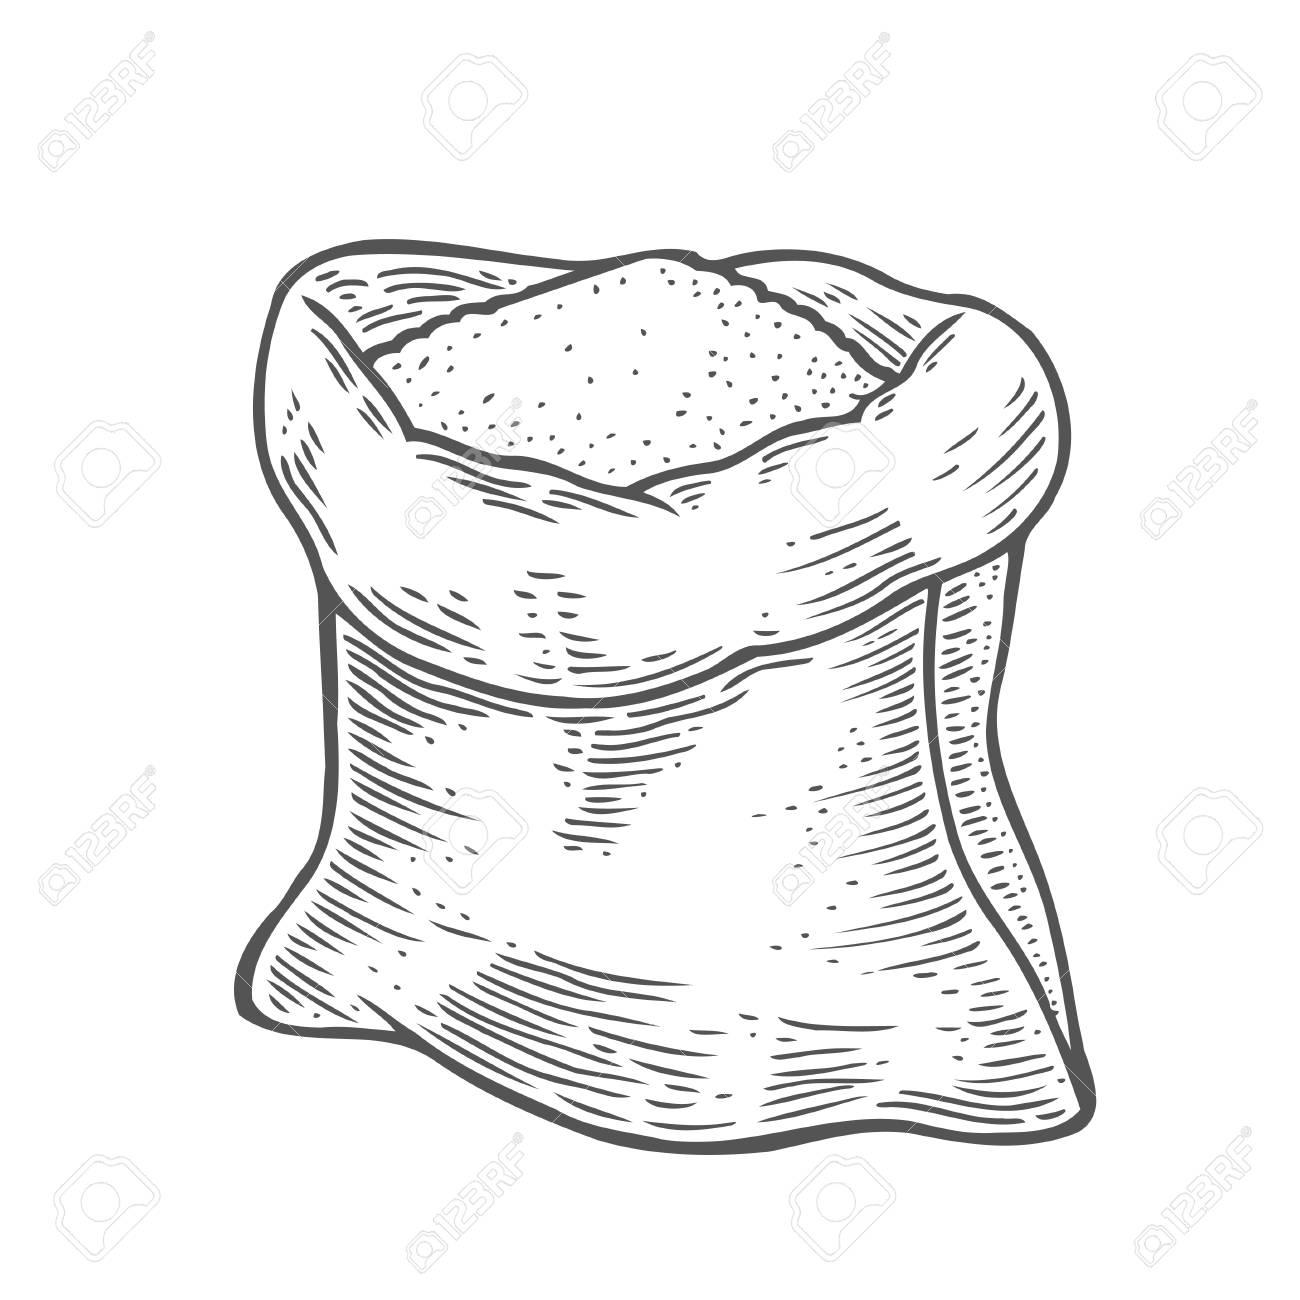 Dibujado A Mano Saco Con Harina Integral O Azucar Con Trigo De Oreja